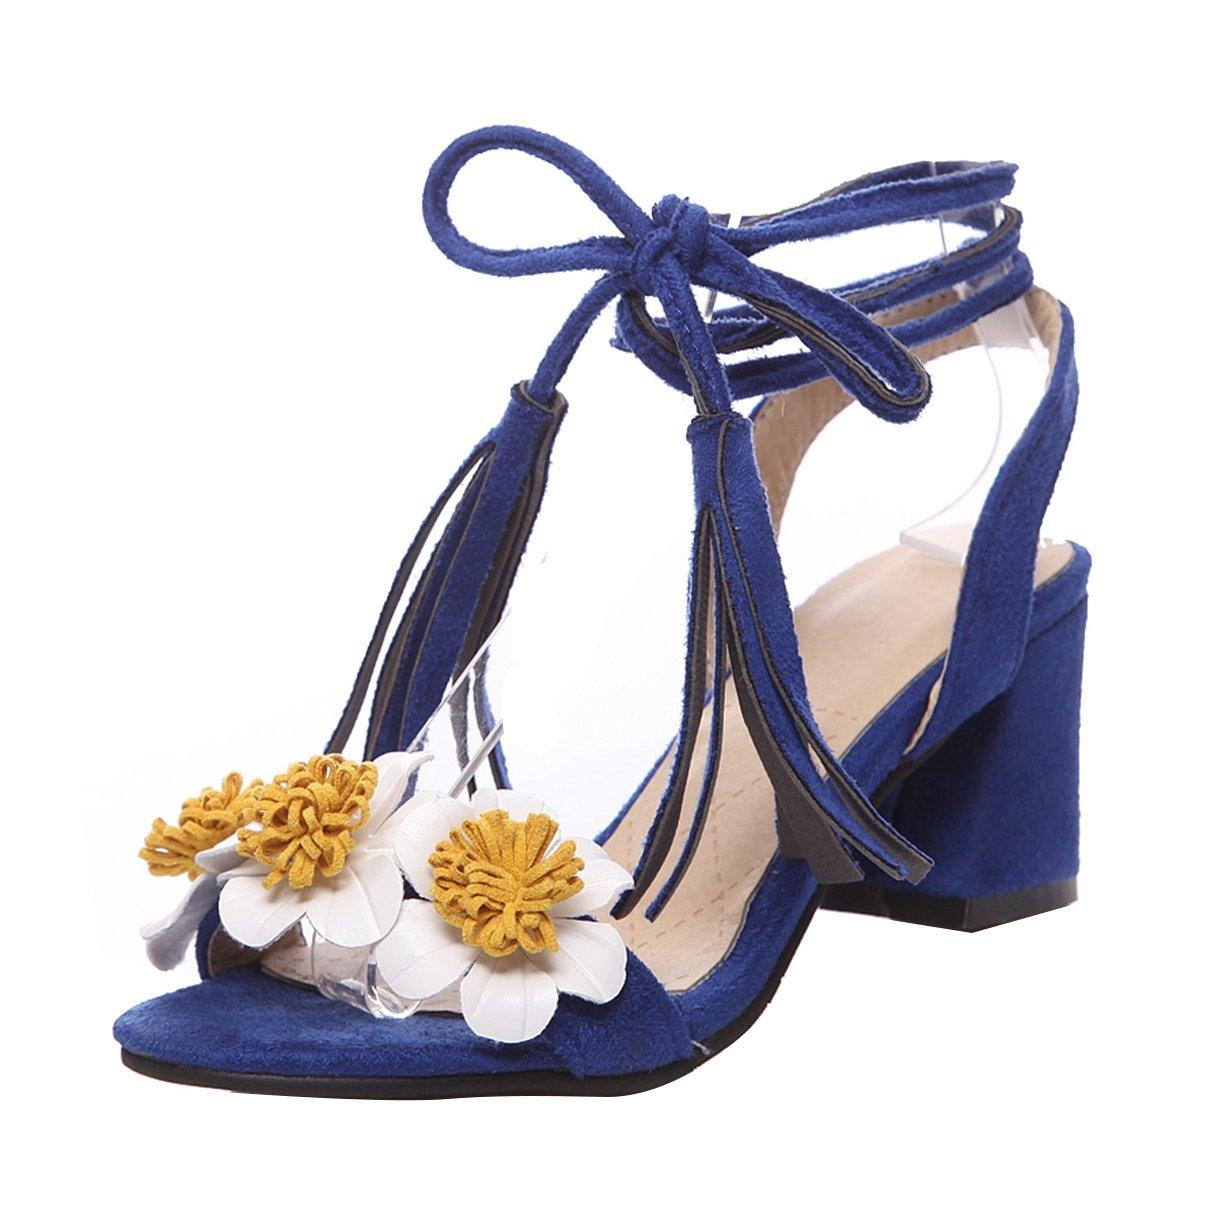 JYshoes Bleu Bride B00MY4MVGQ 19994 Cheville Femme Bleu 308173d - epictionpvp.space